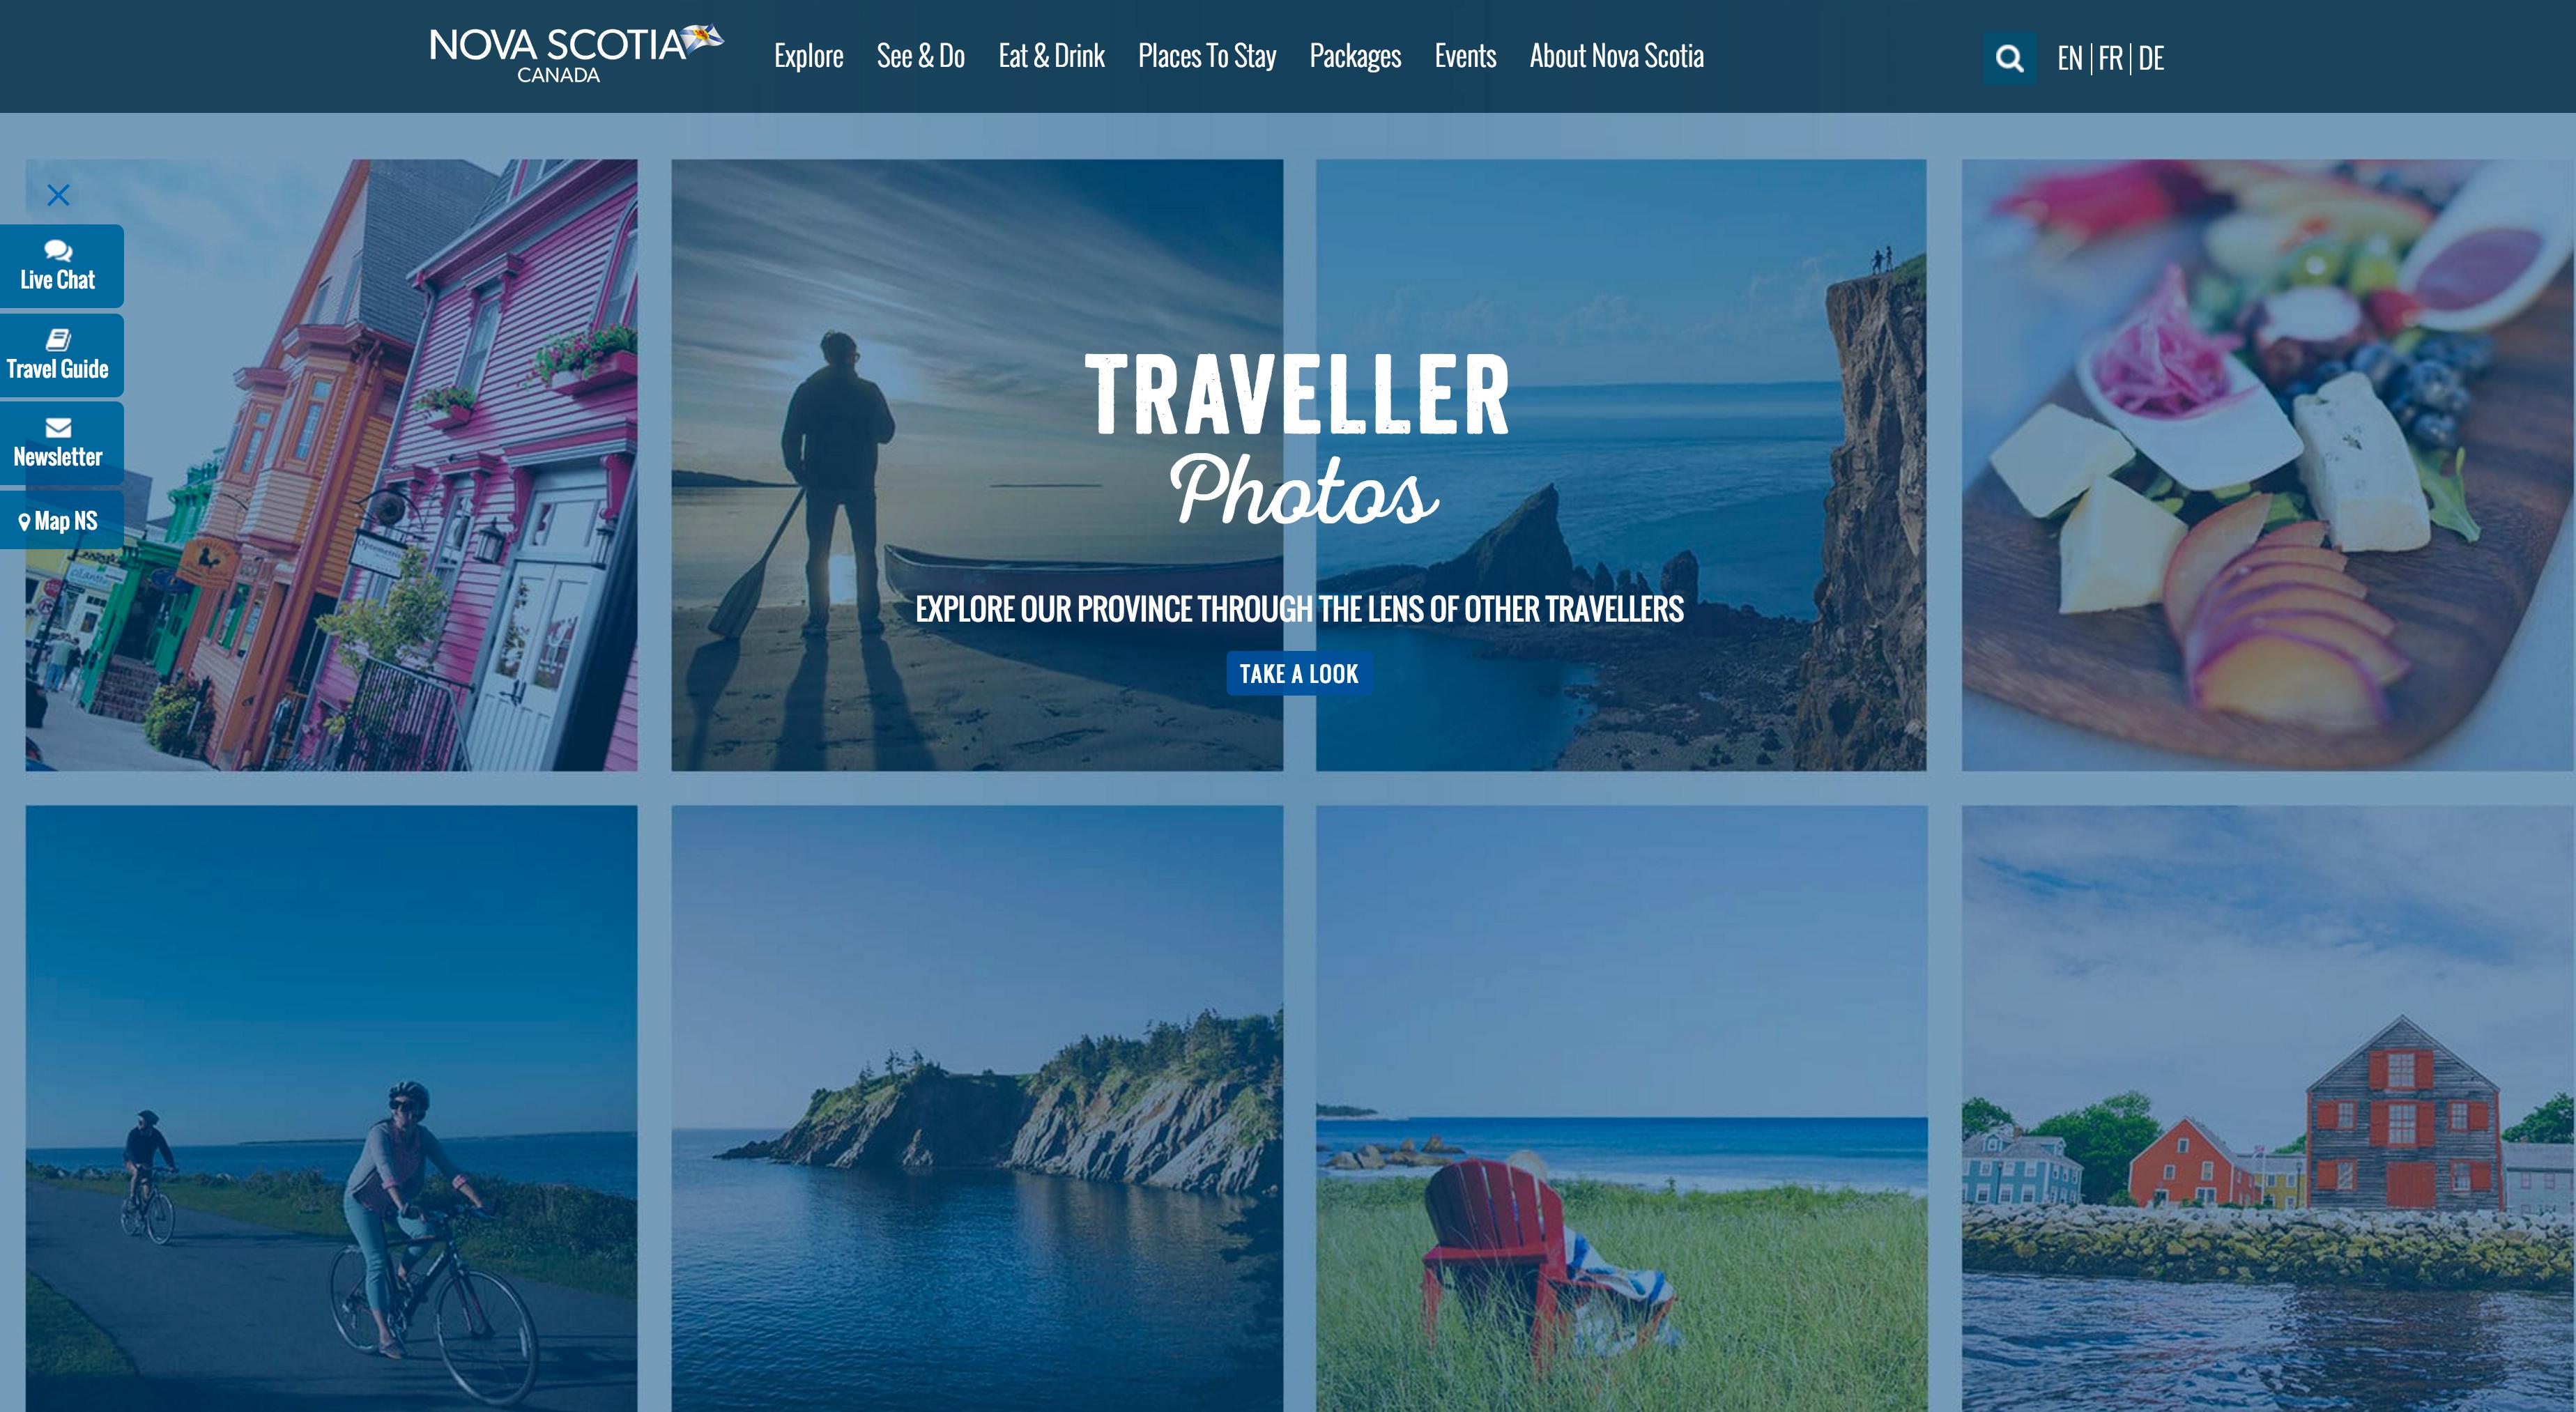 cgu_tourism_nova_acotia